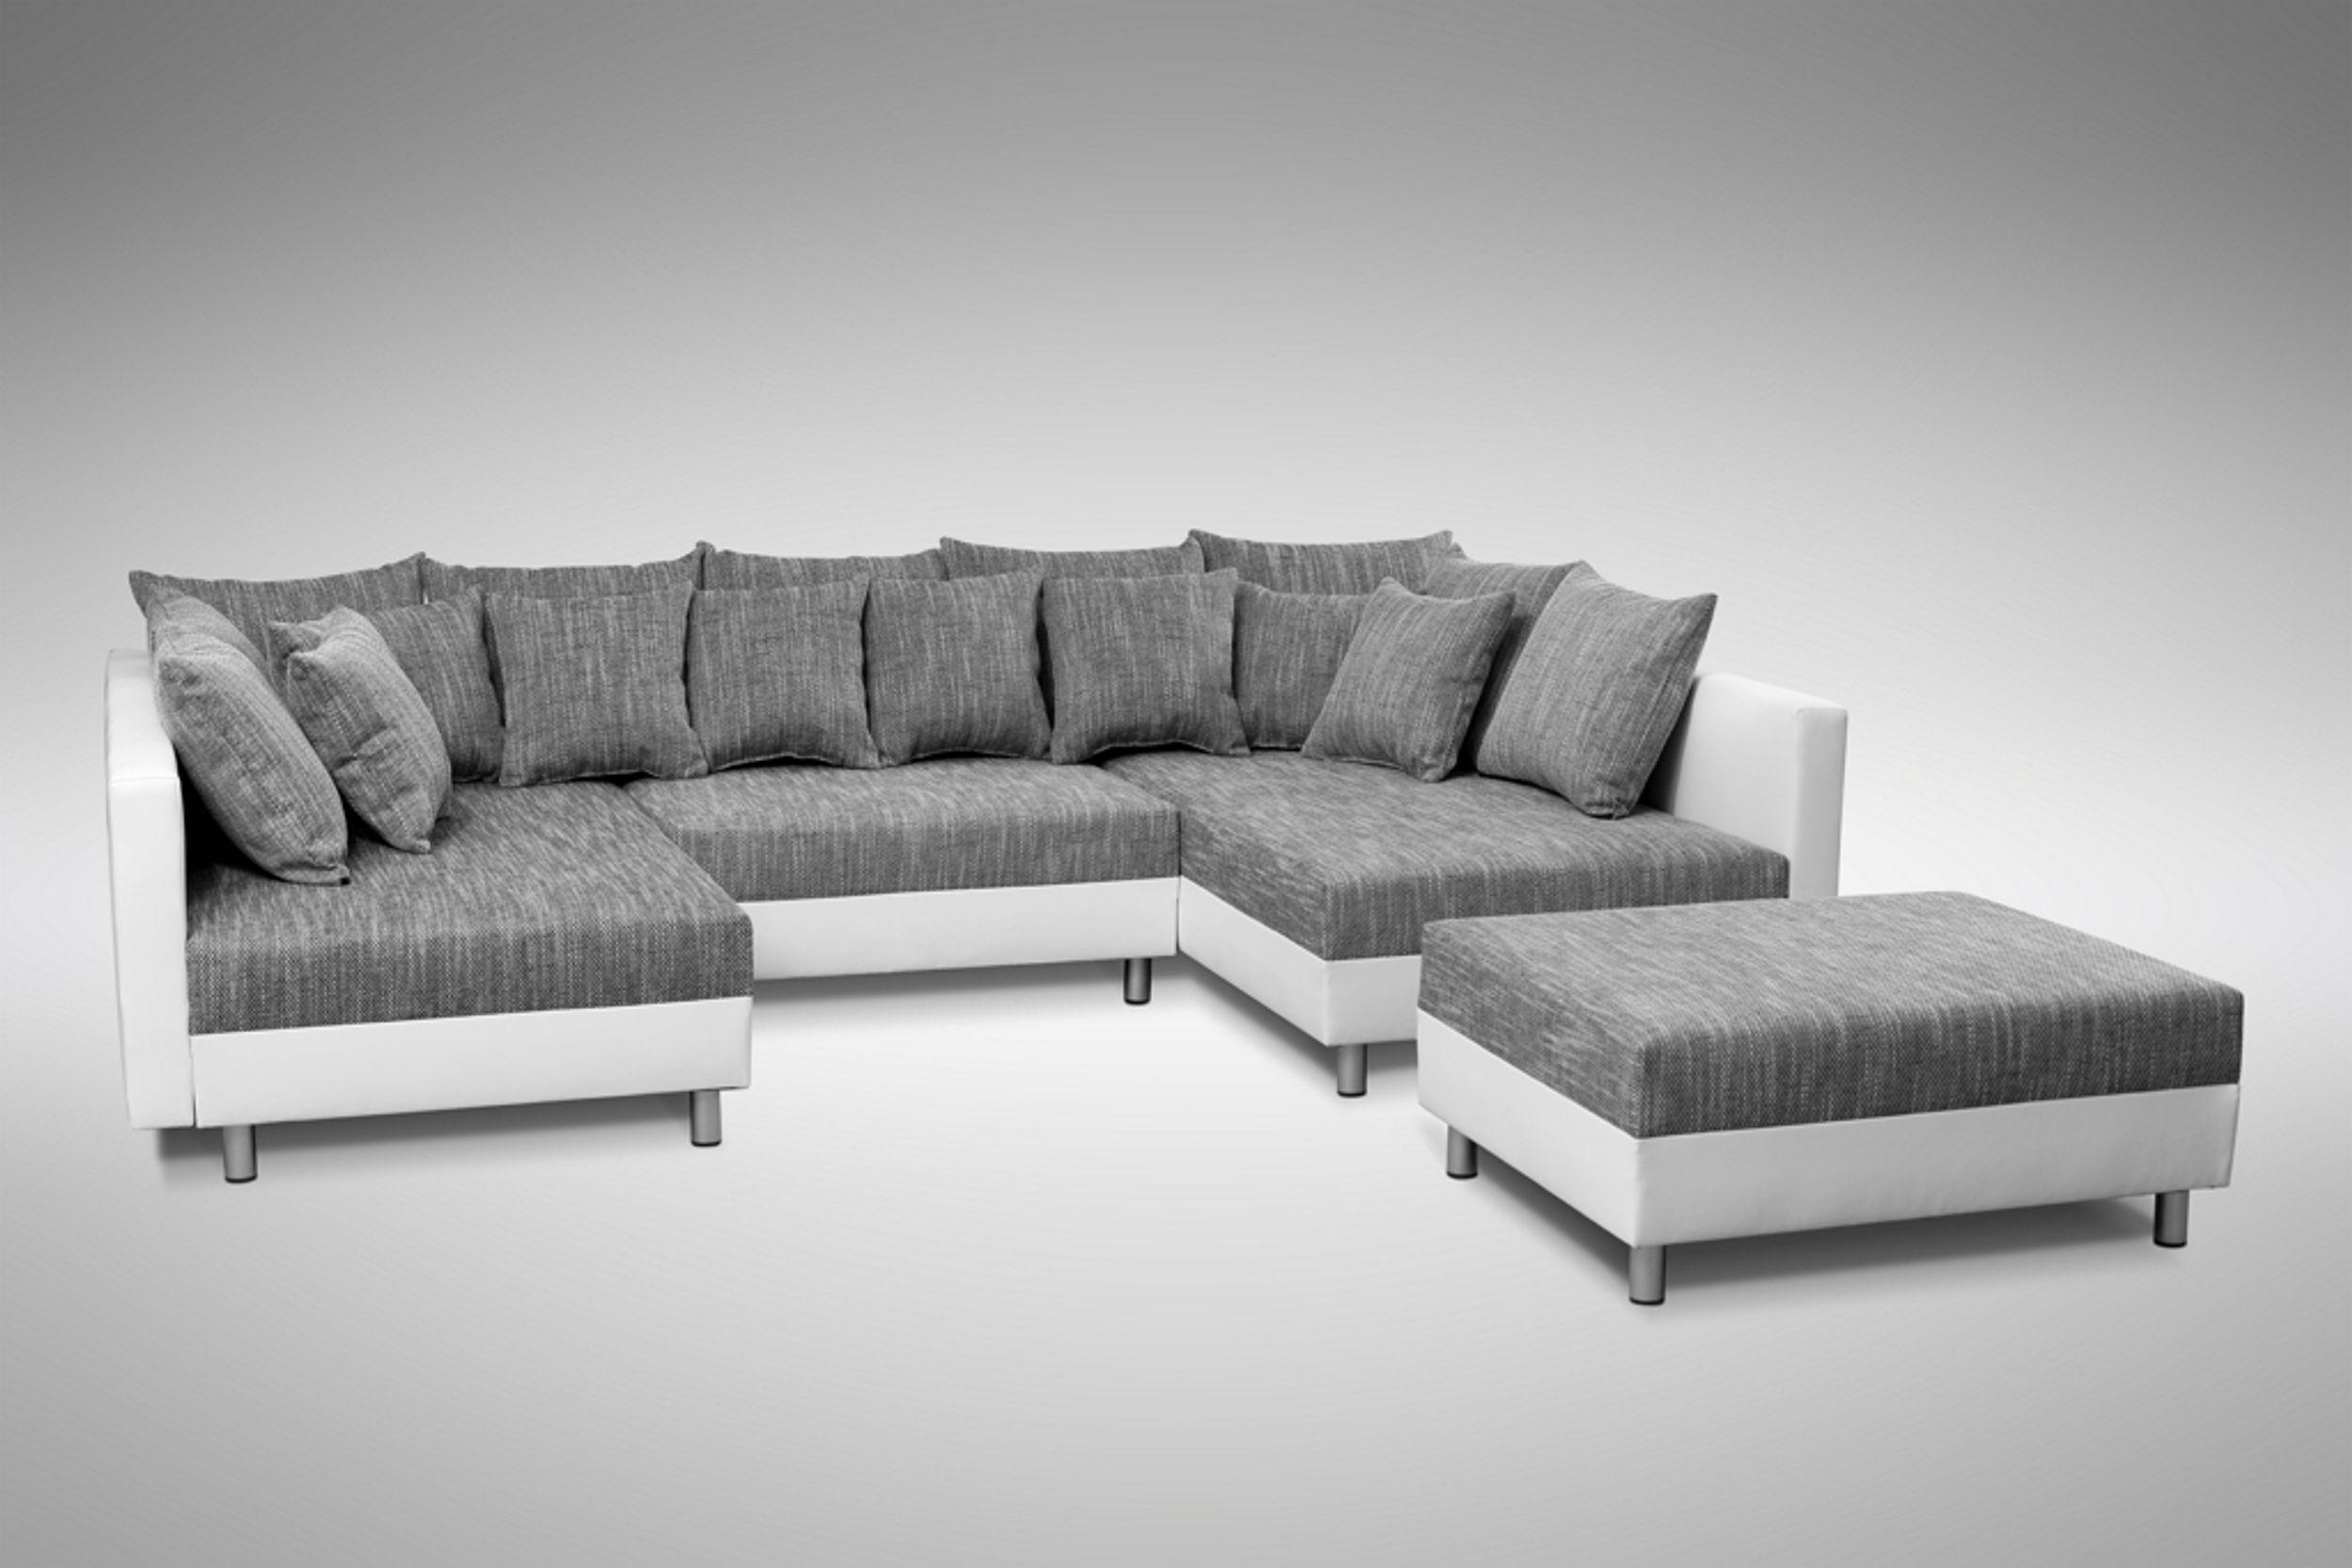 Sofa Couch Ecksofa Eckcouch In Weiss Hellgrau Eckcouch Mit Hocker